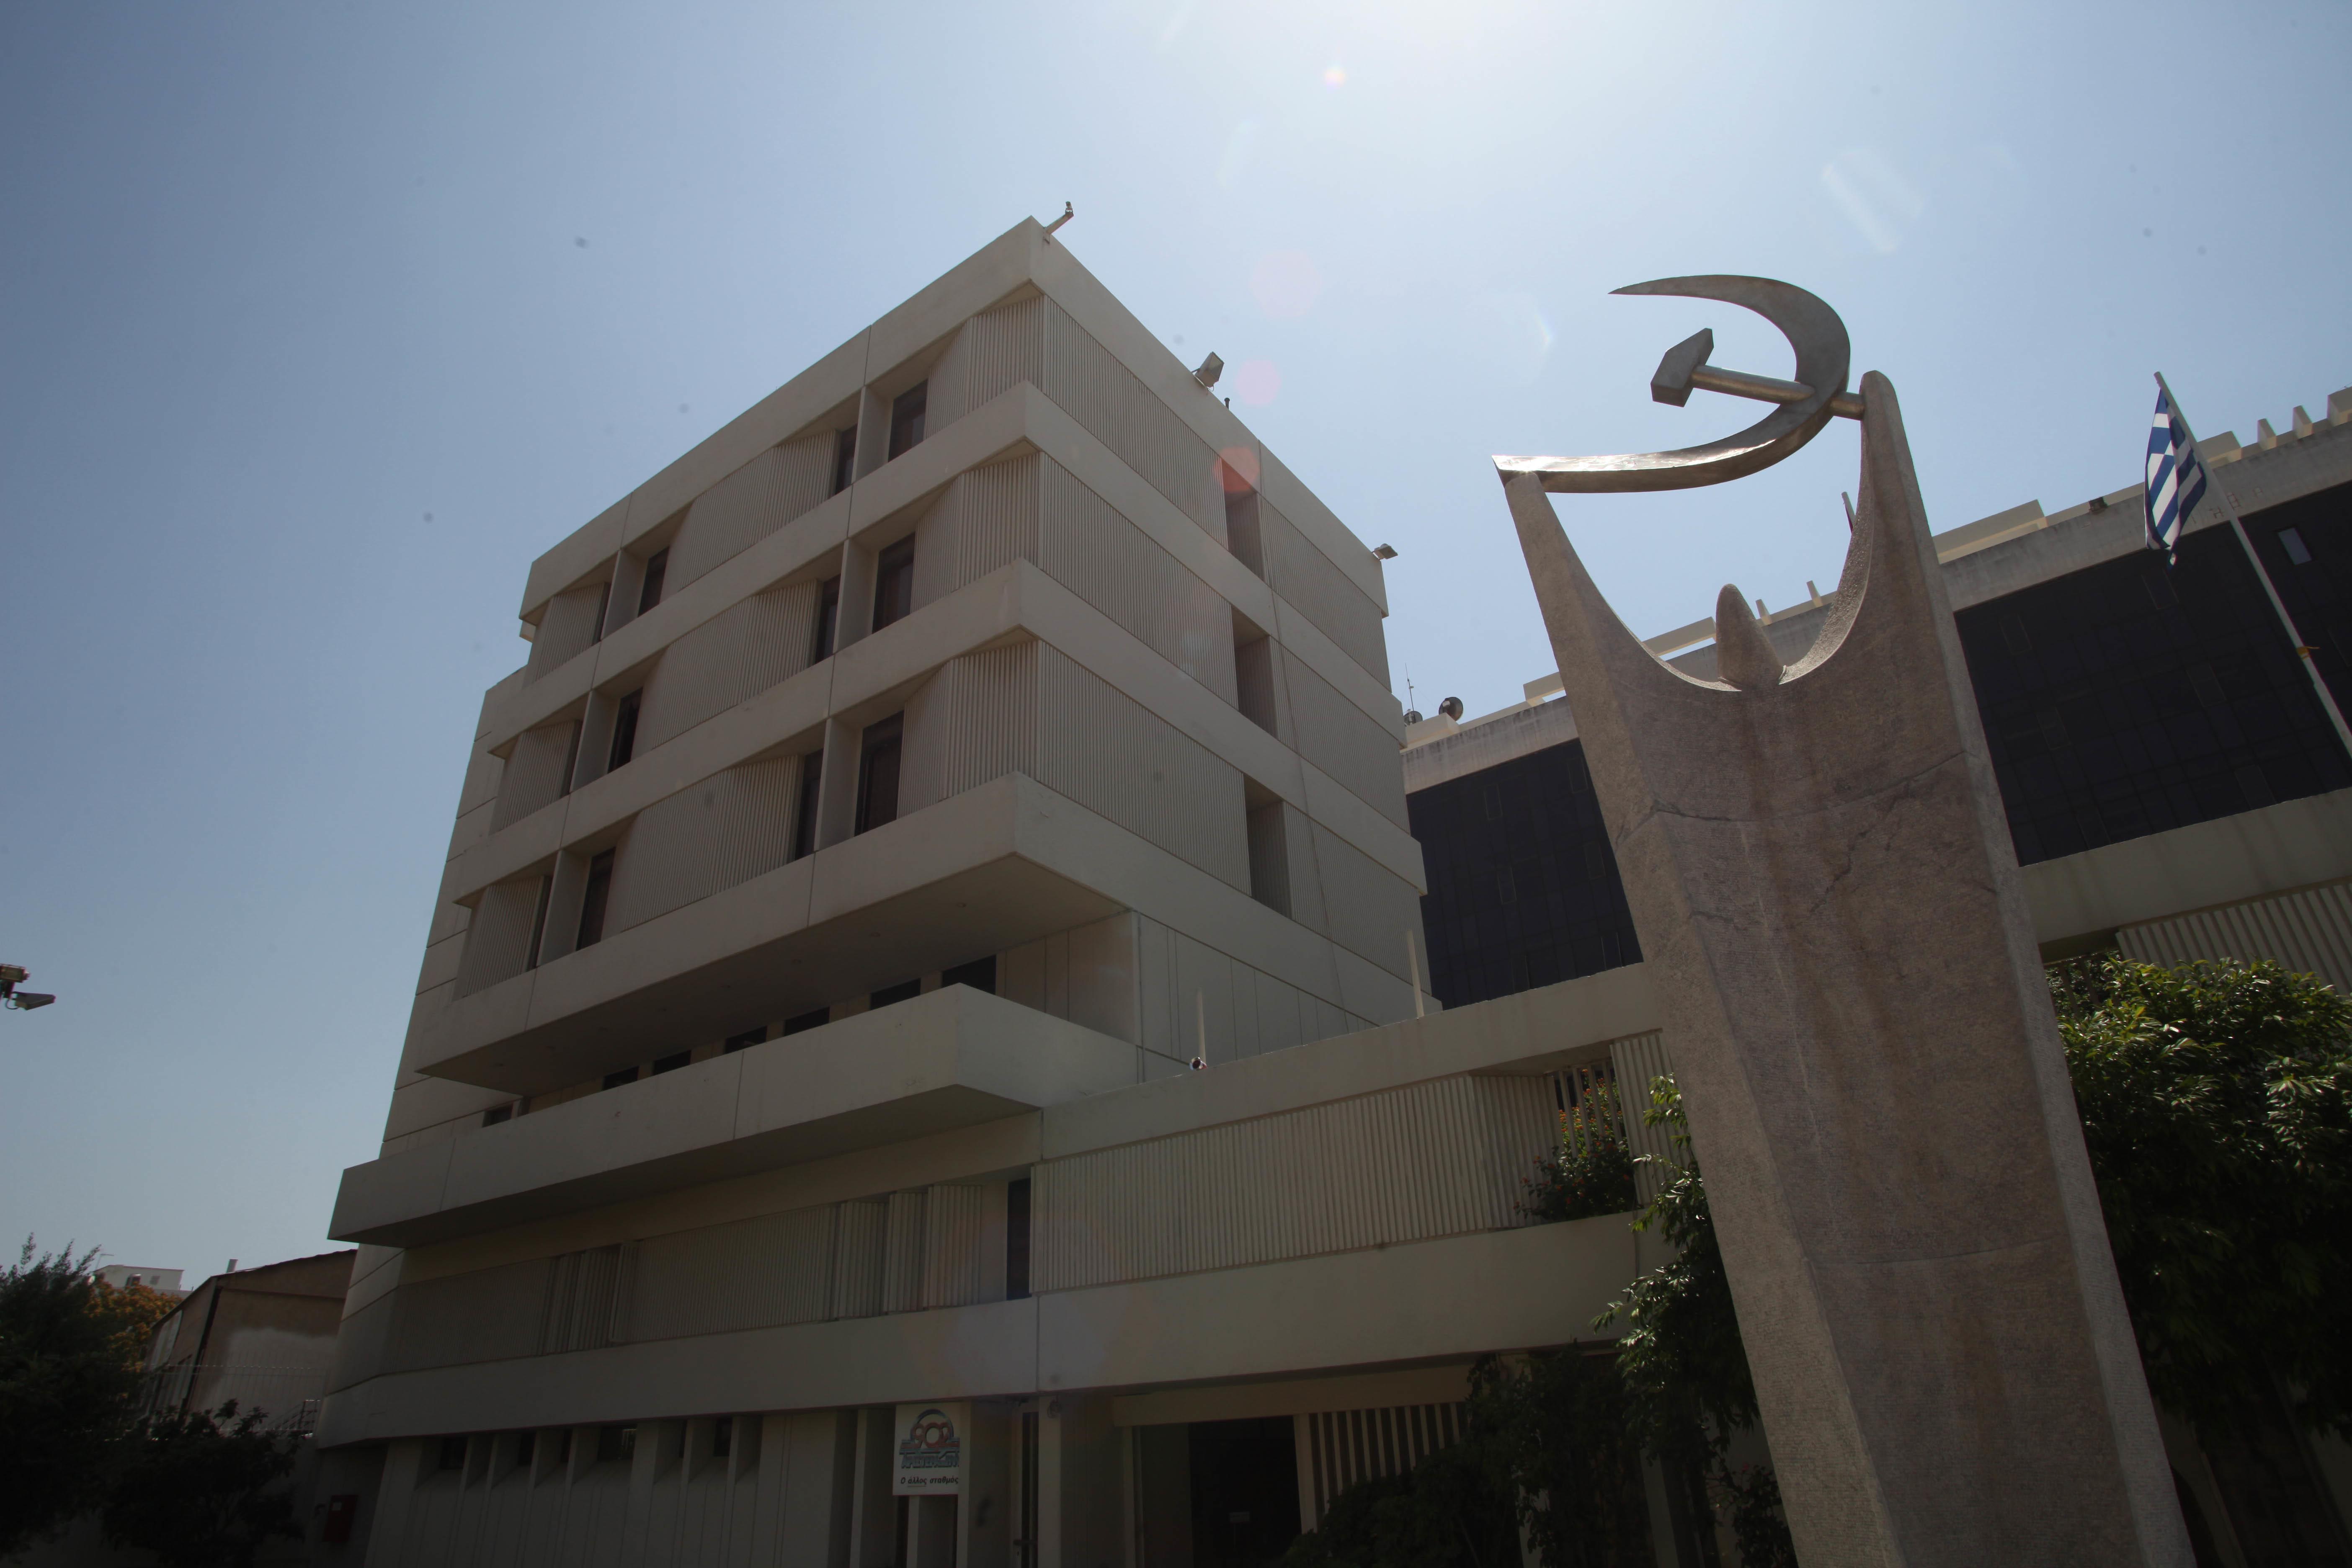 ΚΚΕ: Όλα έτοιμα για το 21ο Συνέδριο – Η ιστορία του «εμβληματικού» κτιρίου του Περισσού και τα έργα τέχνης που προκαλούν αίσθηση